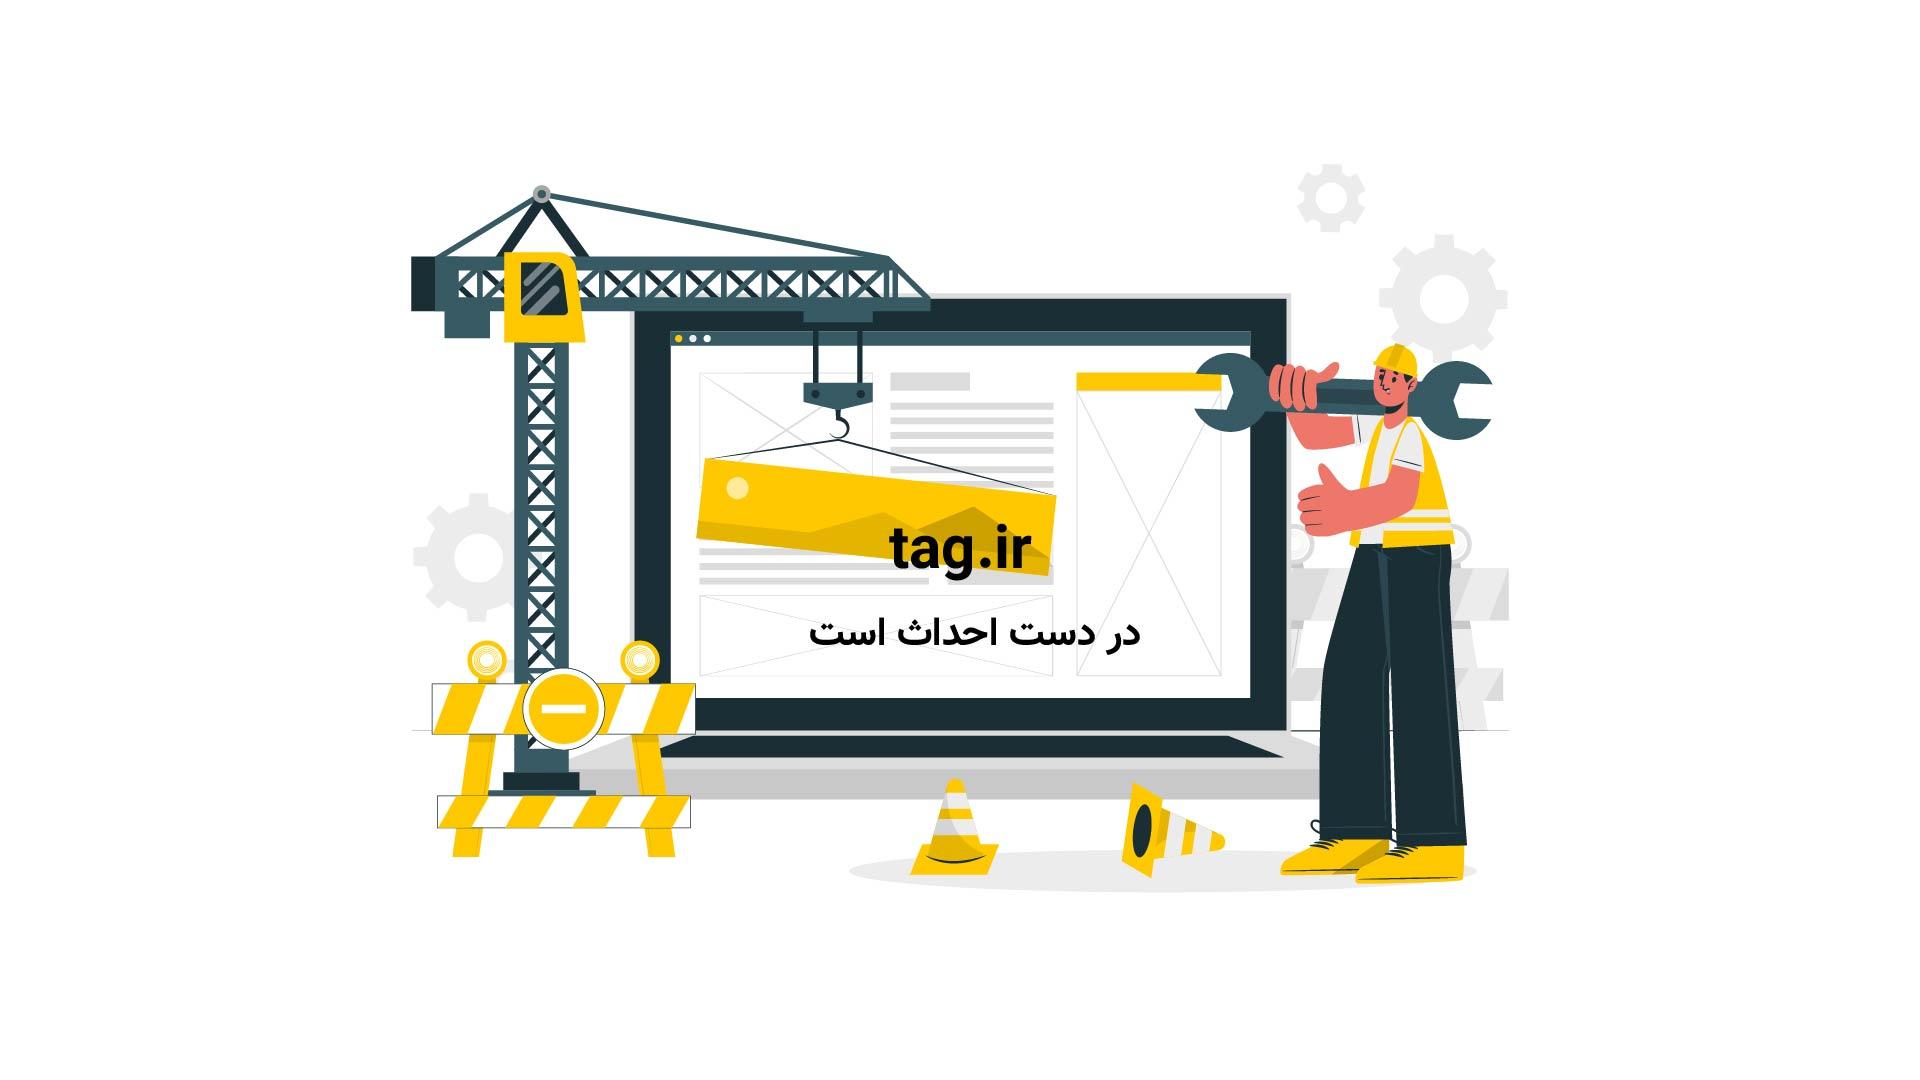 شن-ریزه-نقاشی | تگ